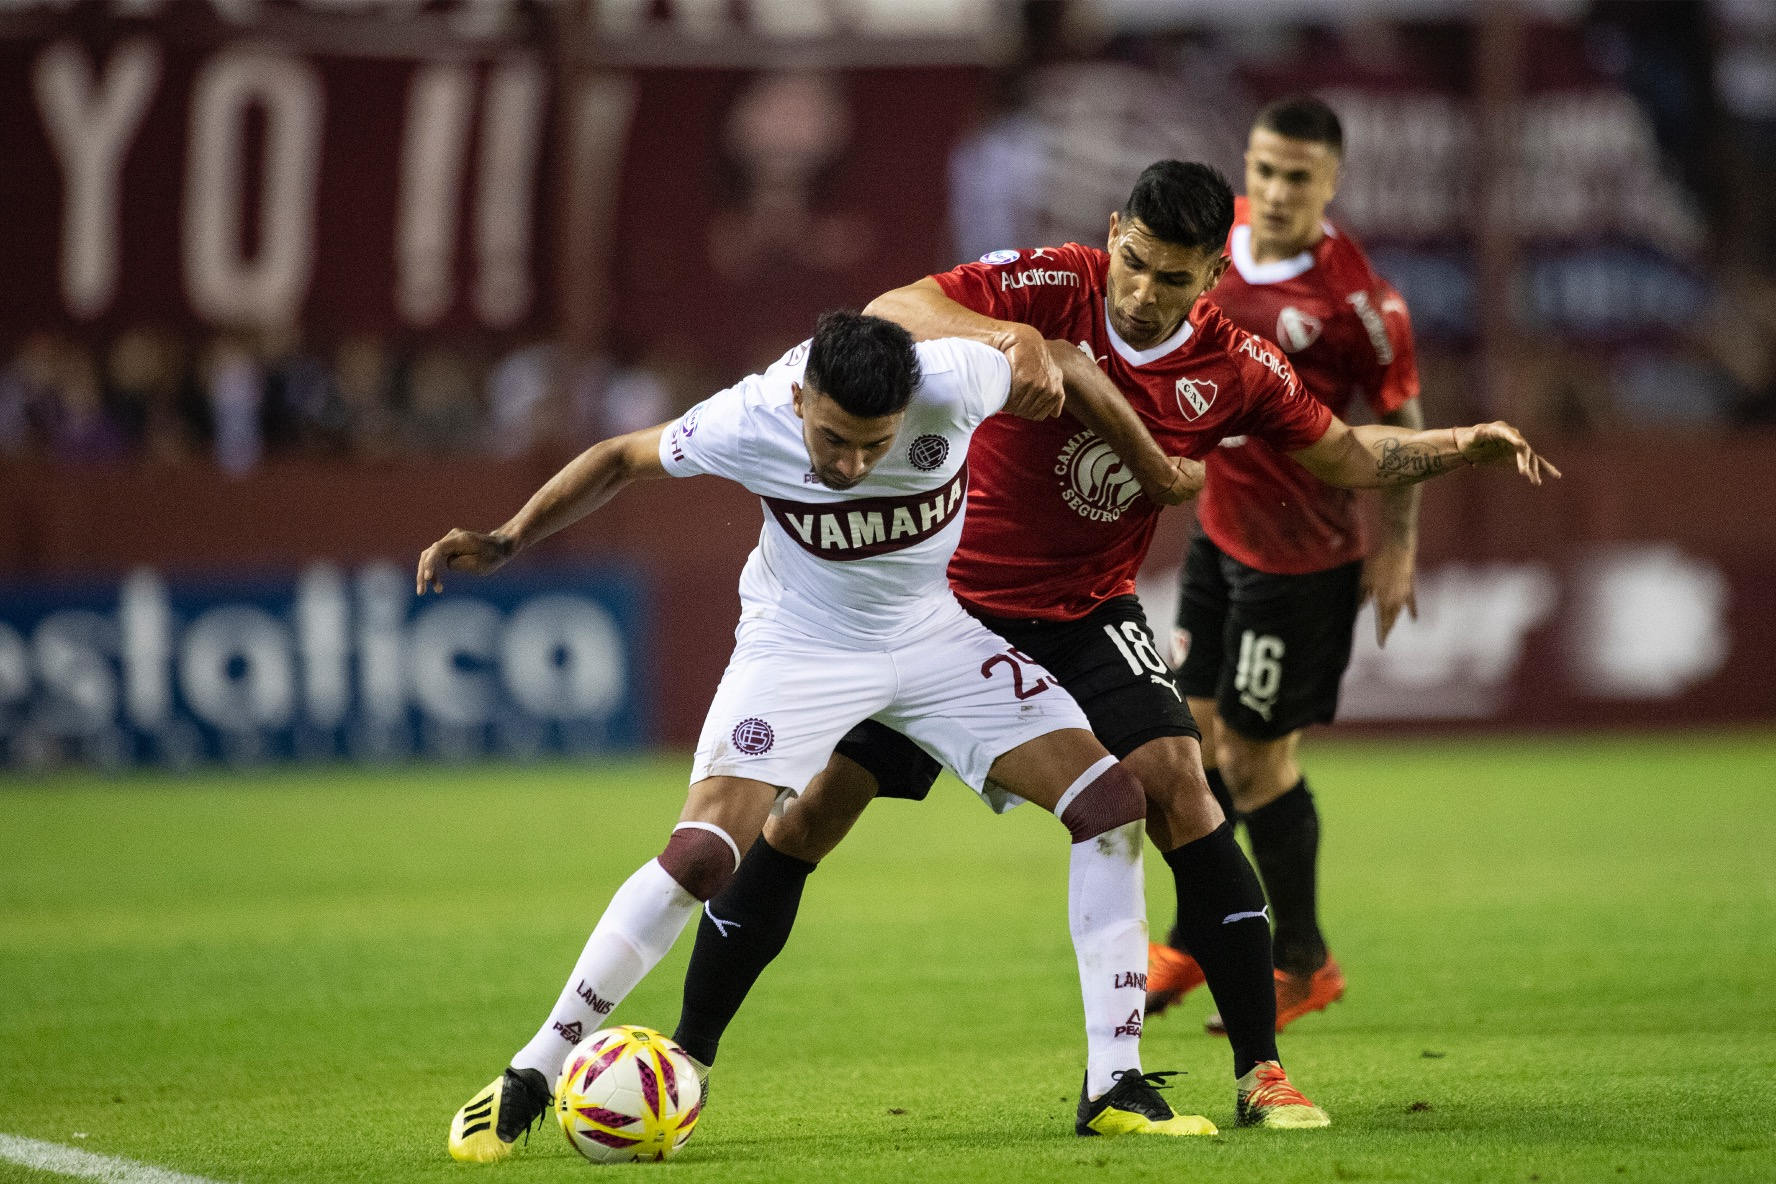 Cómo ver en vivo Lanús vs. Independiente